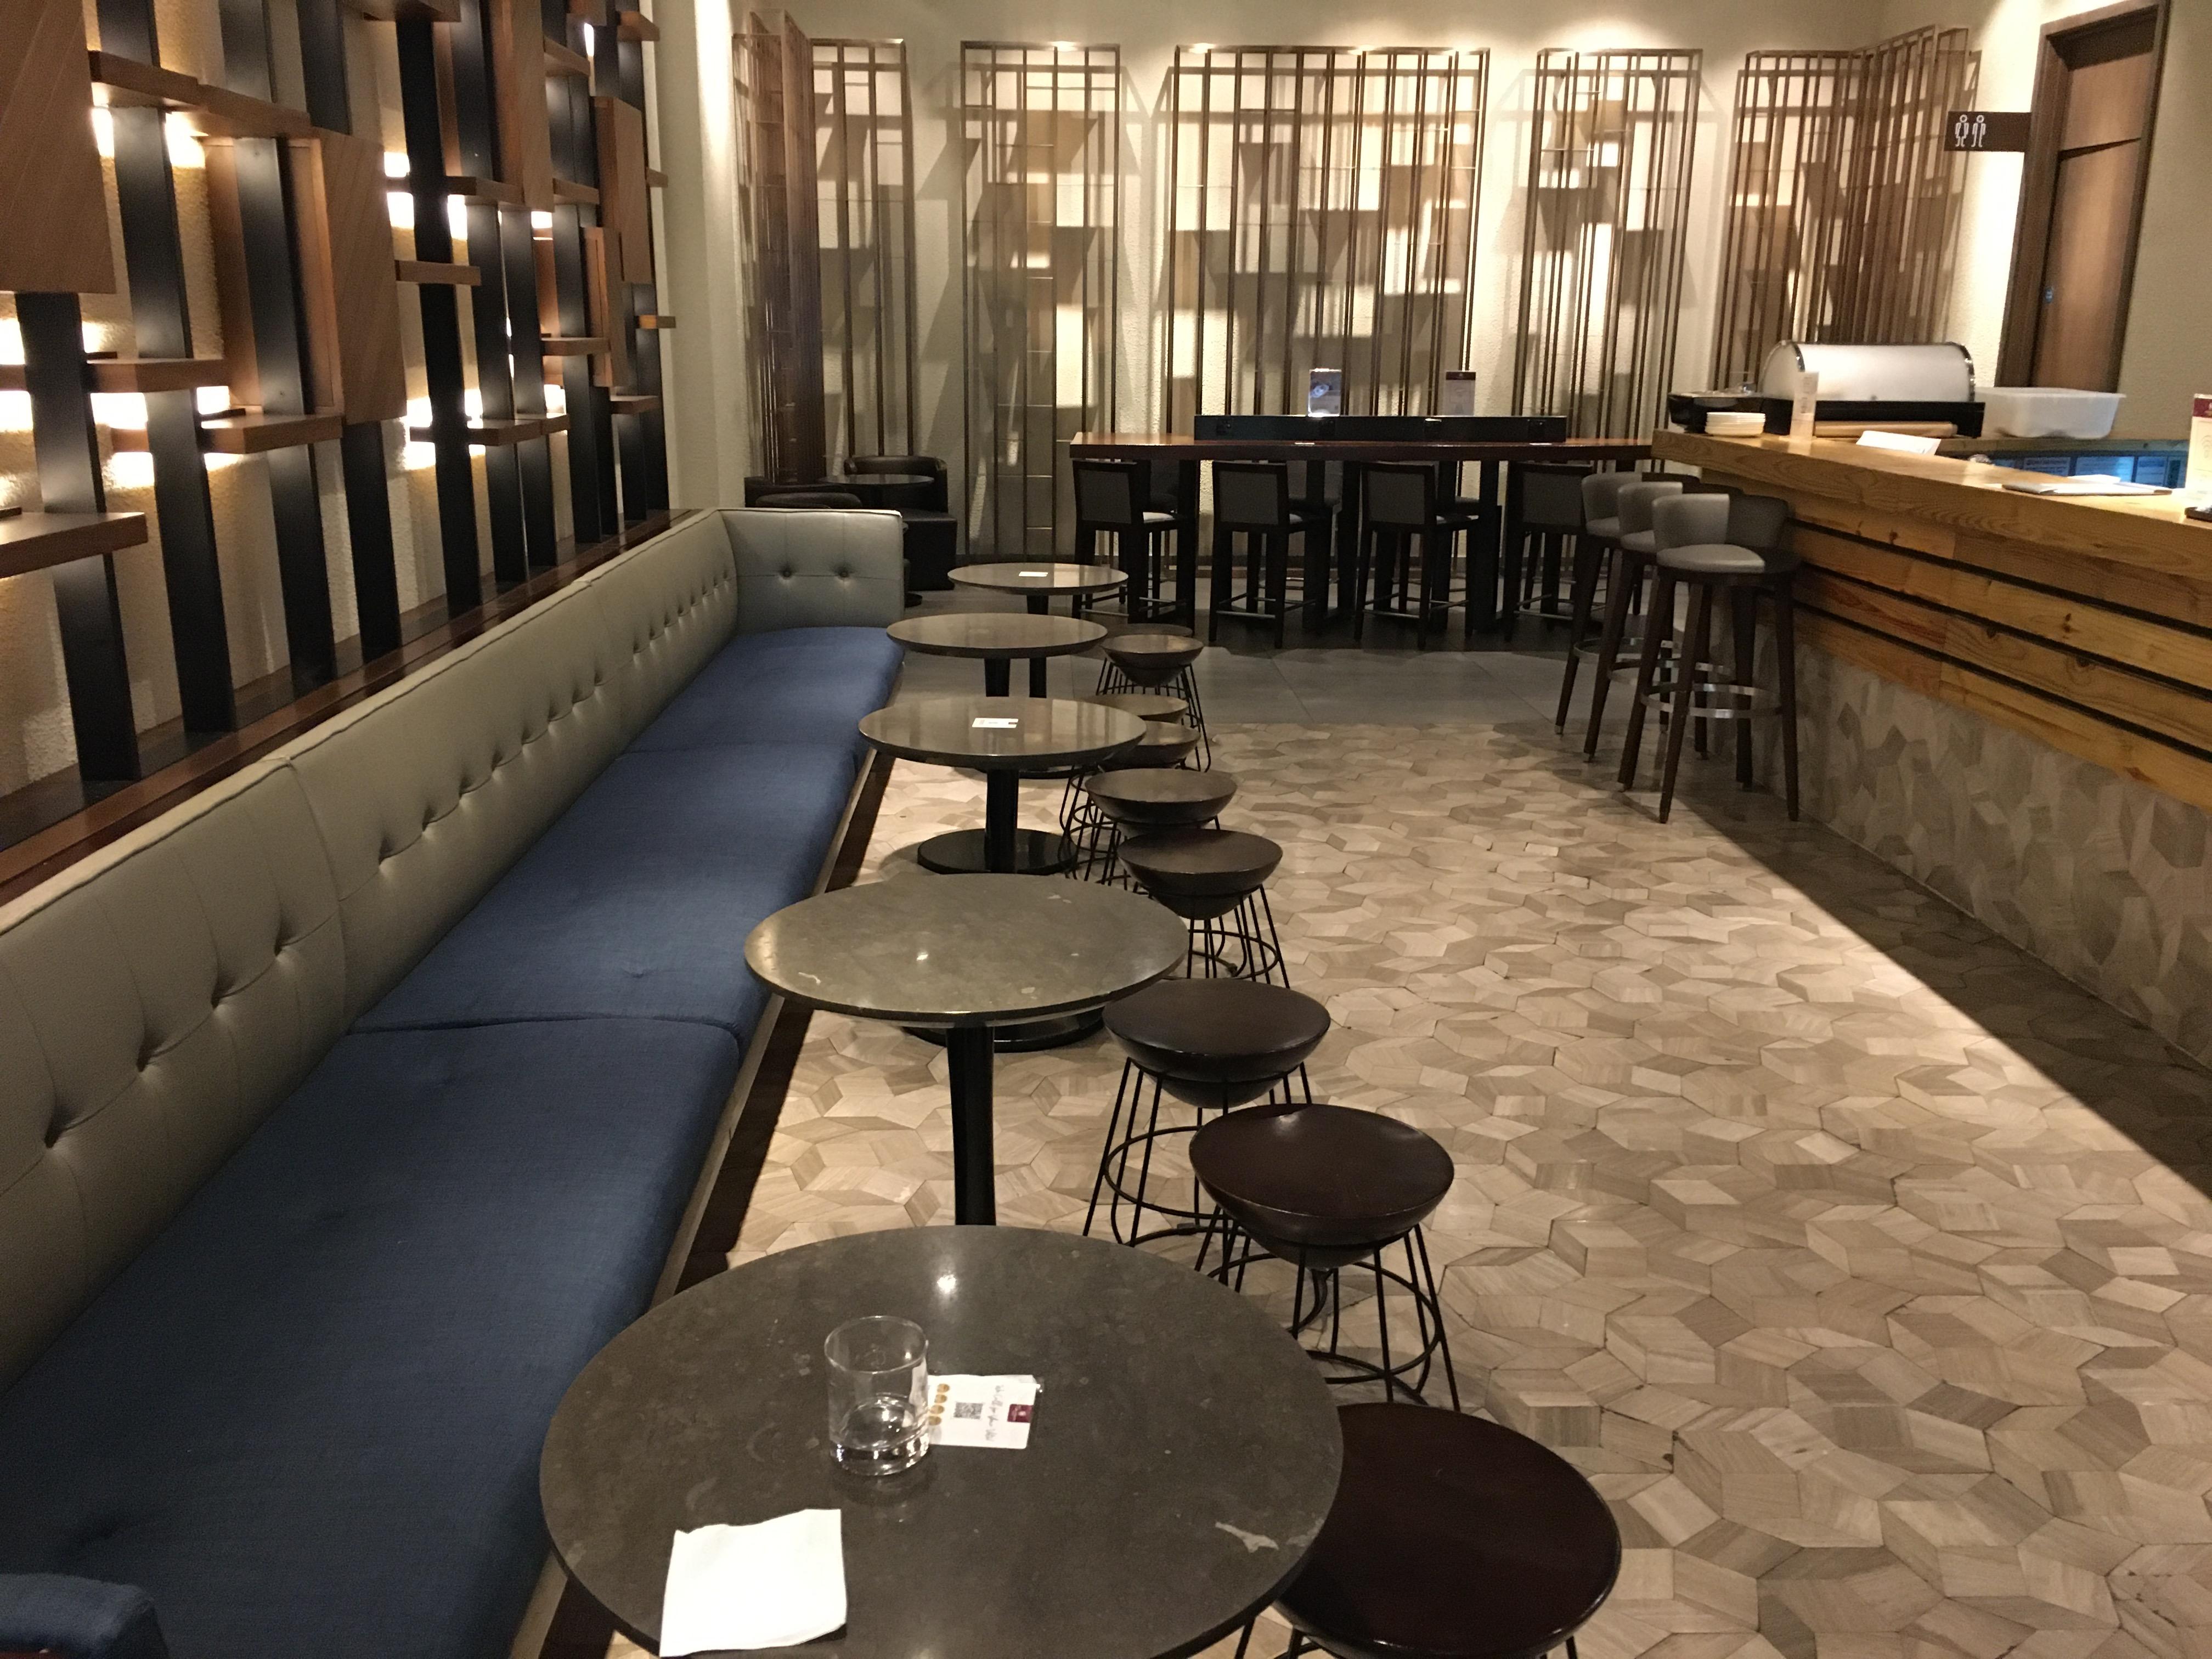 Lounge Review : ロンドンヒースロー空港(LHR)ターミナル2 プラザプレミアムアライバルラウンジ(Plaza Premium Arrival Lounge)